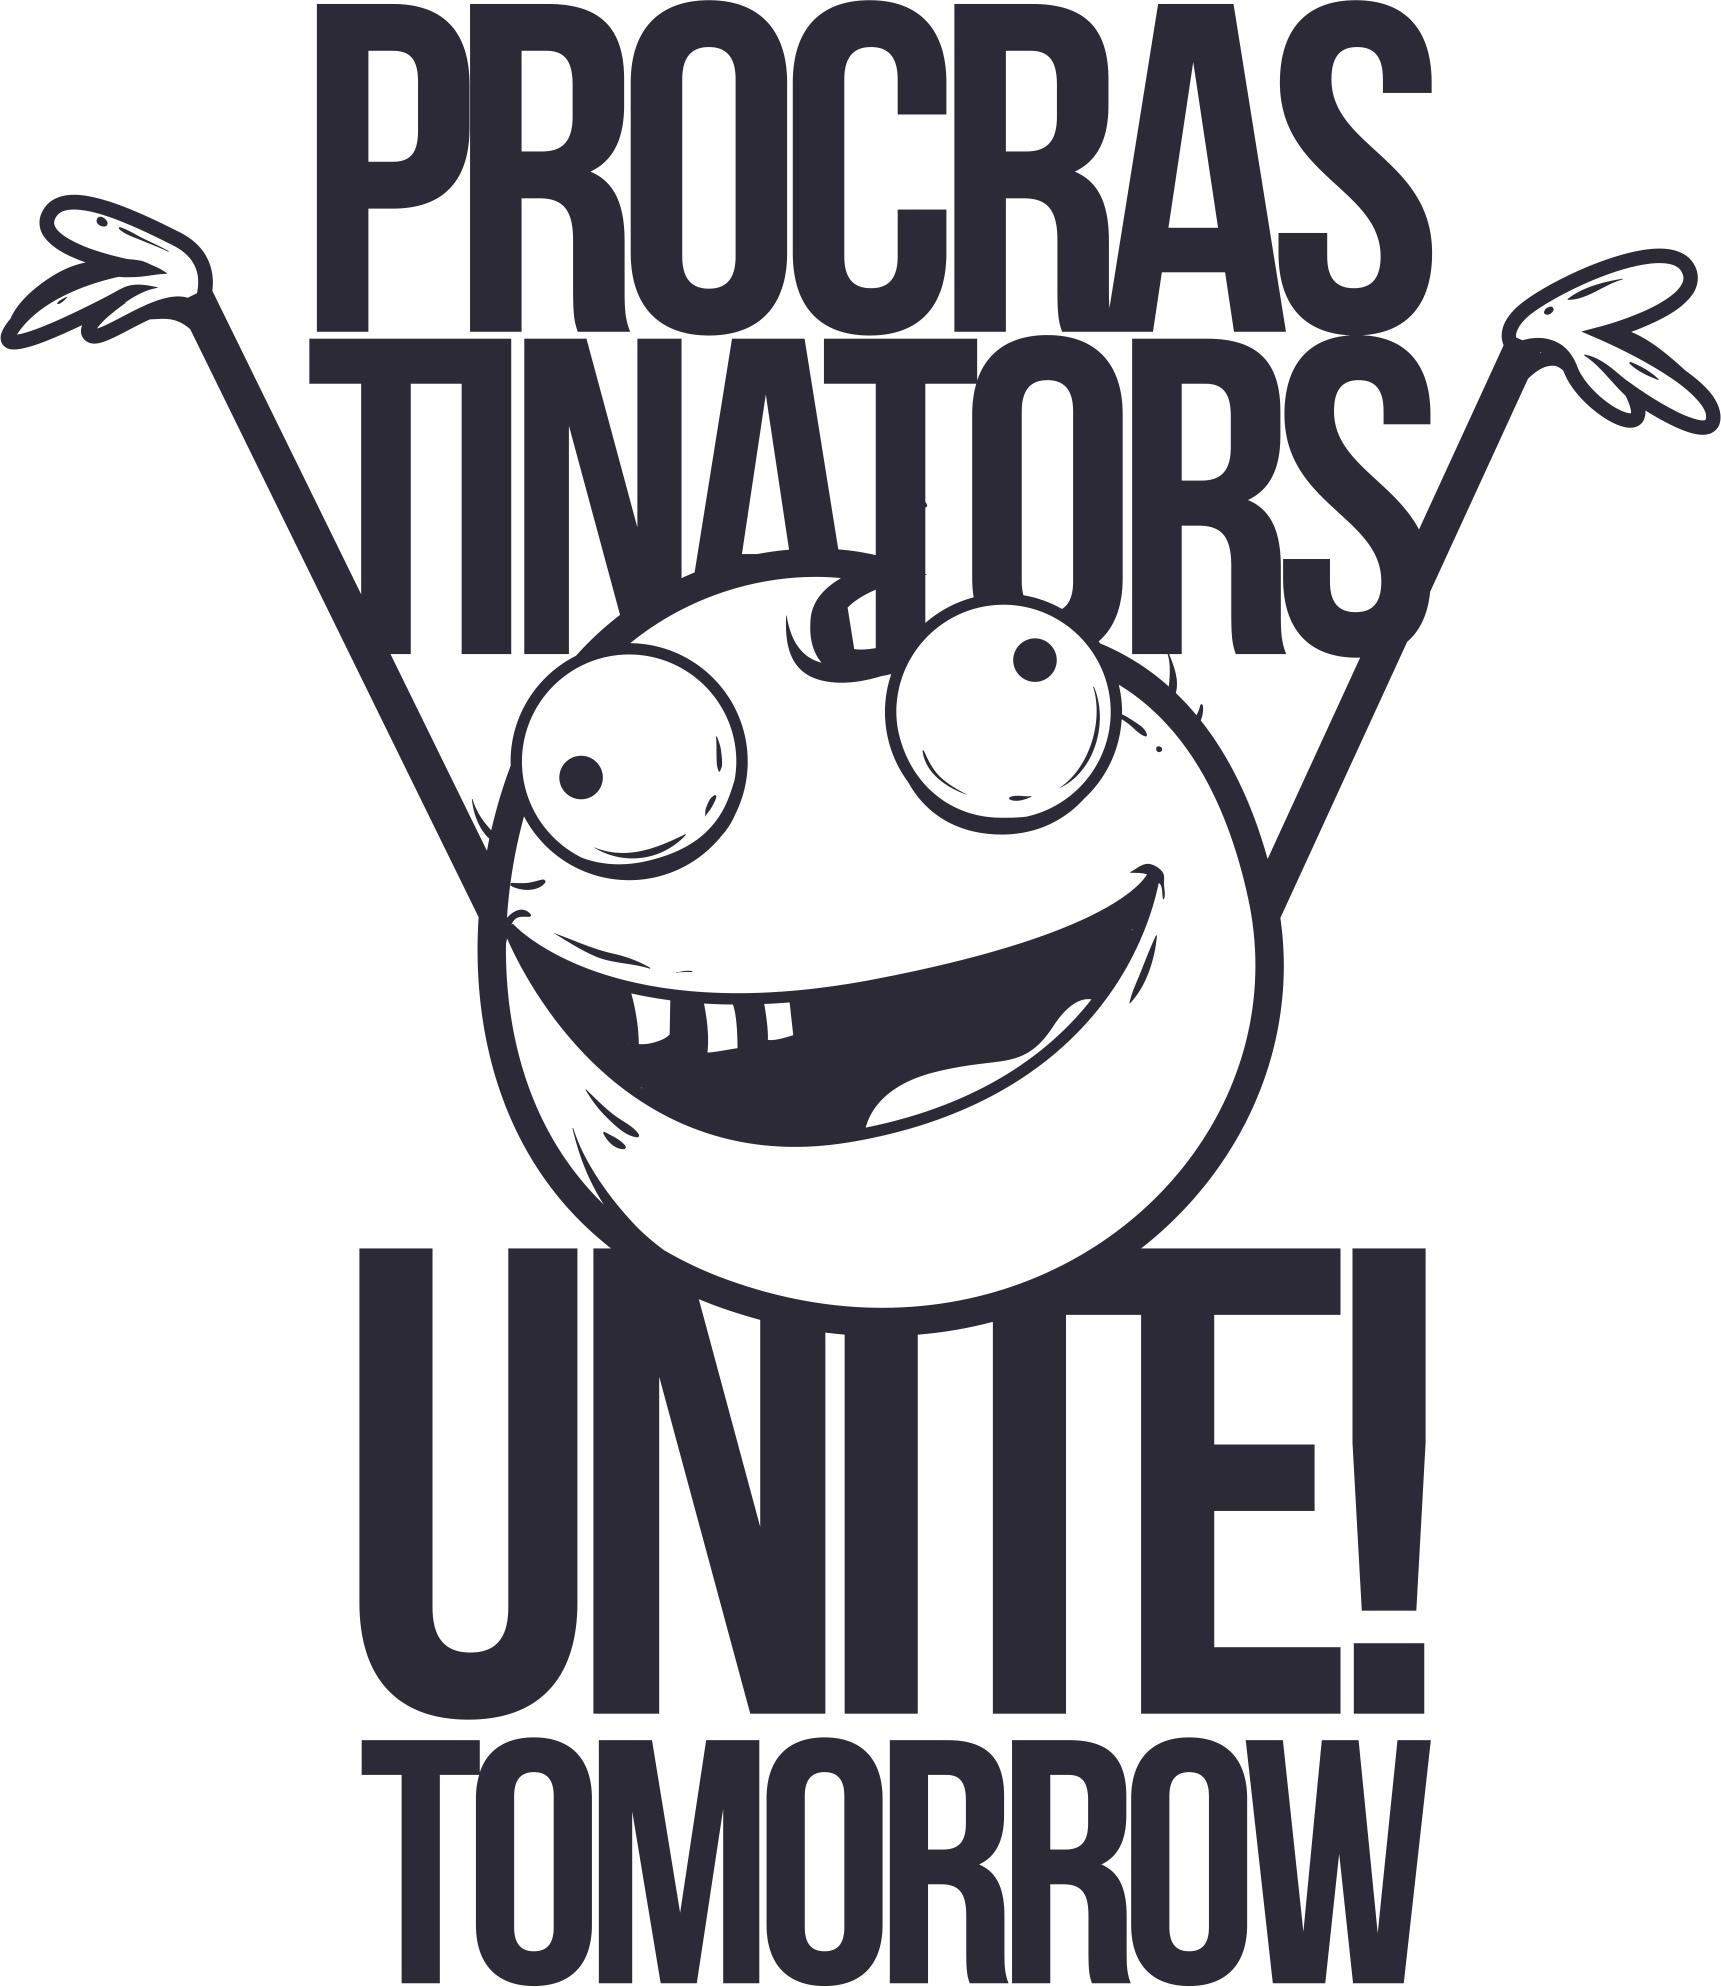 Procrastinators T Shirt Design Free CDR Vectors Art